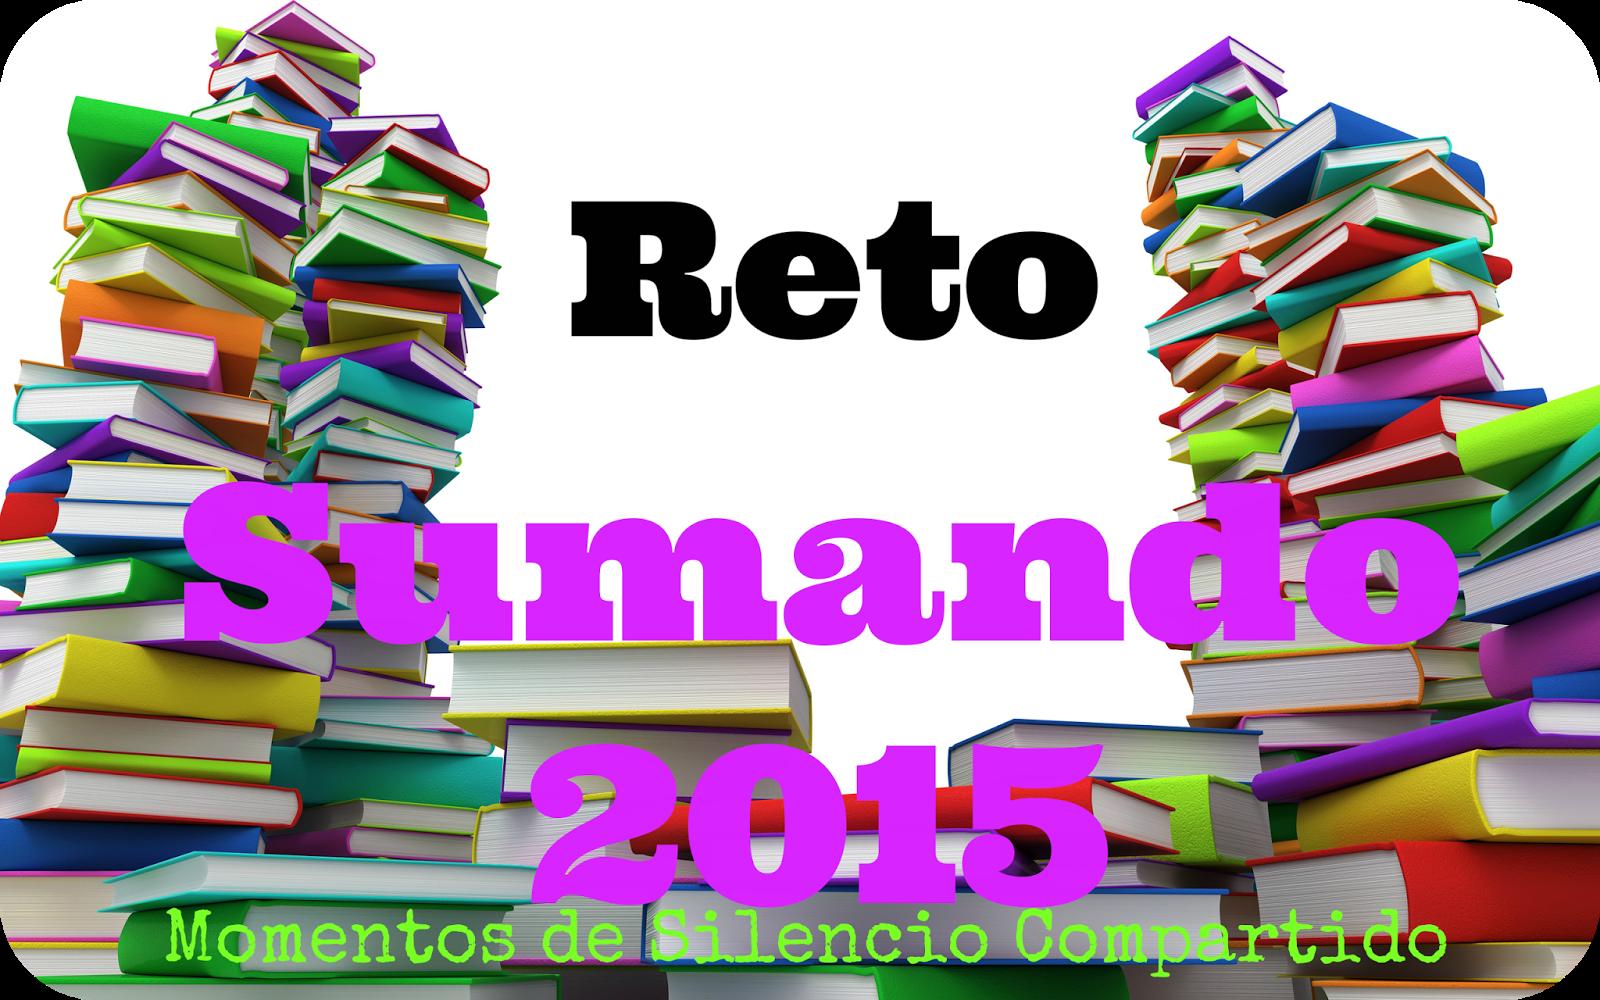 http://lectoradetot.blogspot.com.es/2014/12/reto-sumando-2015-iii-edicion.html?showComment=1419074489292#c8046355378968532883